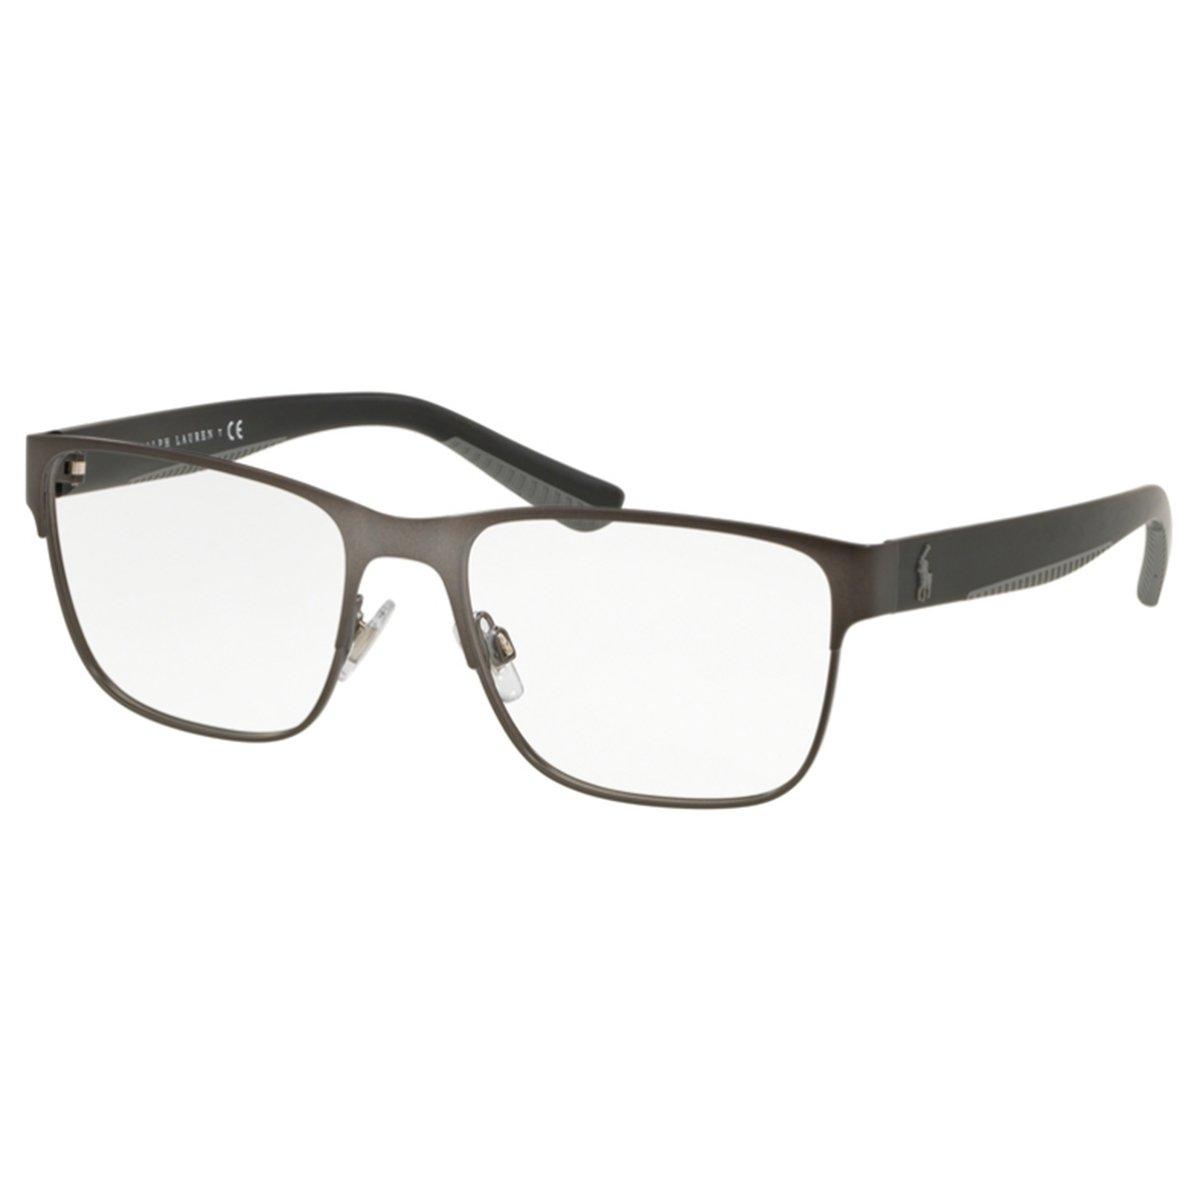 5fd7ceed04660 Compre Óculos de Grau Polo Ralph Lauren em 10X